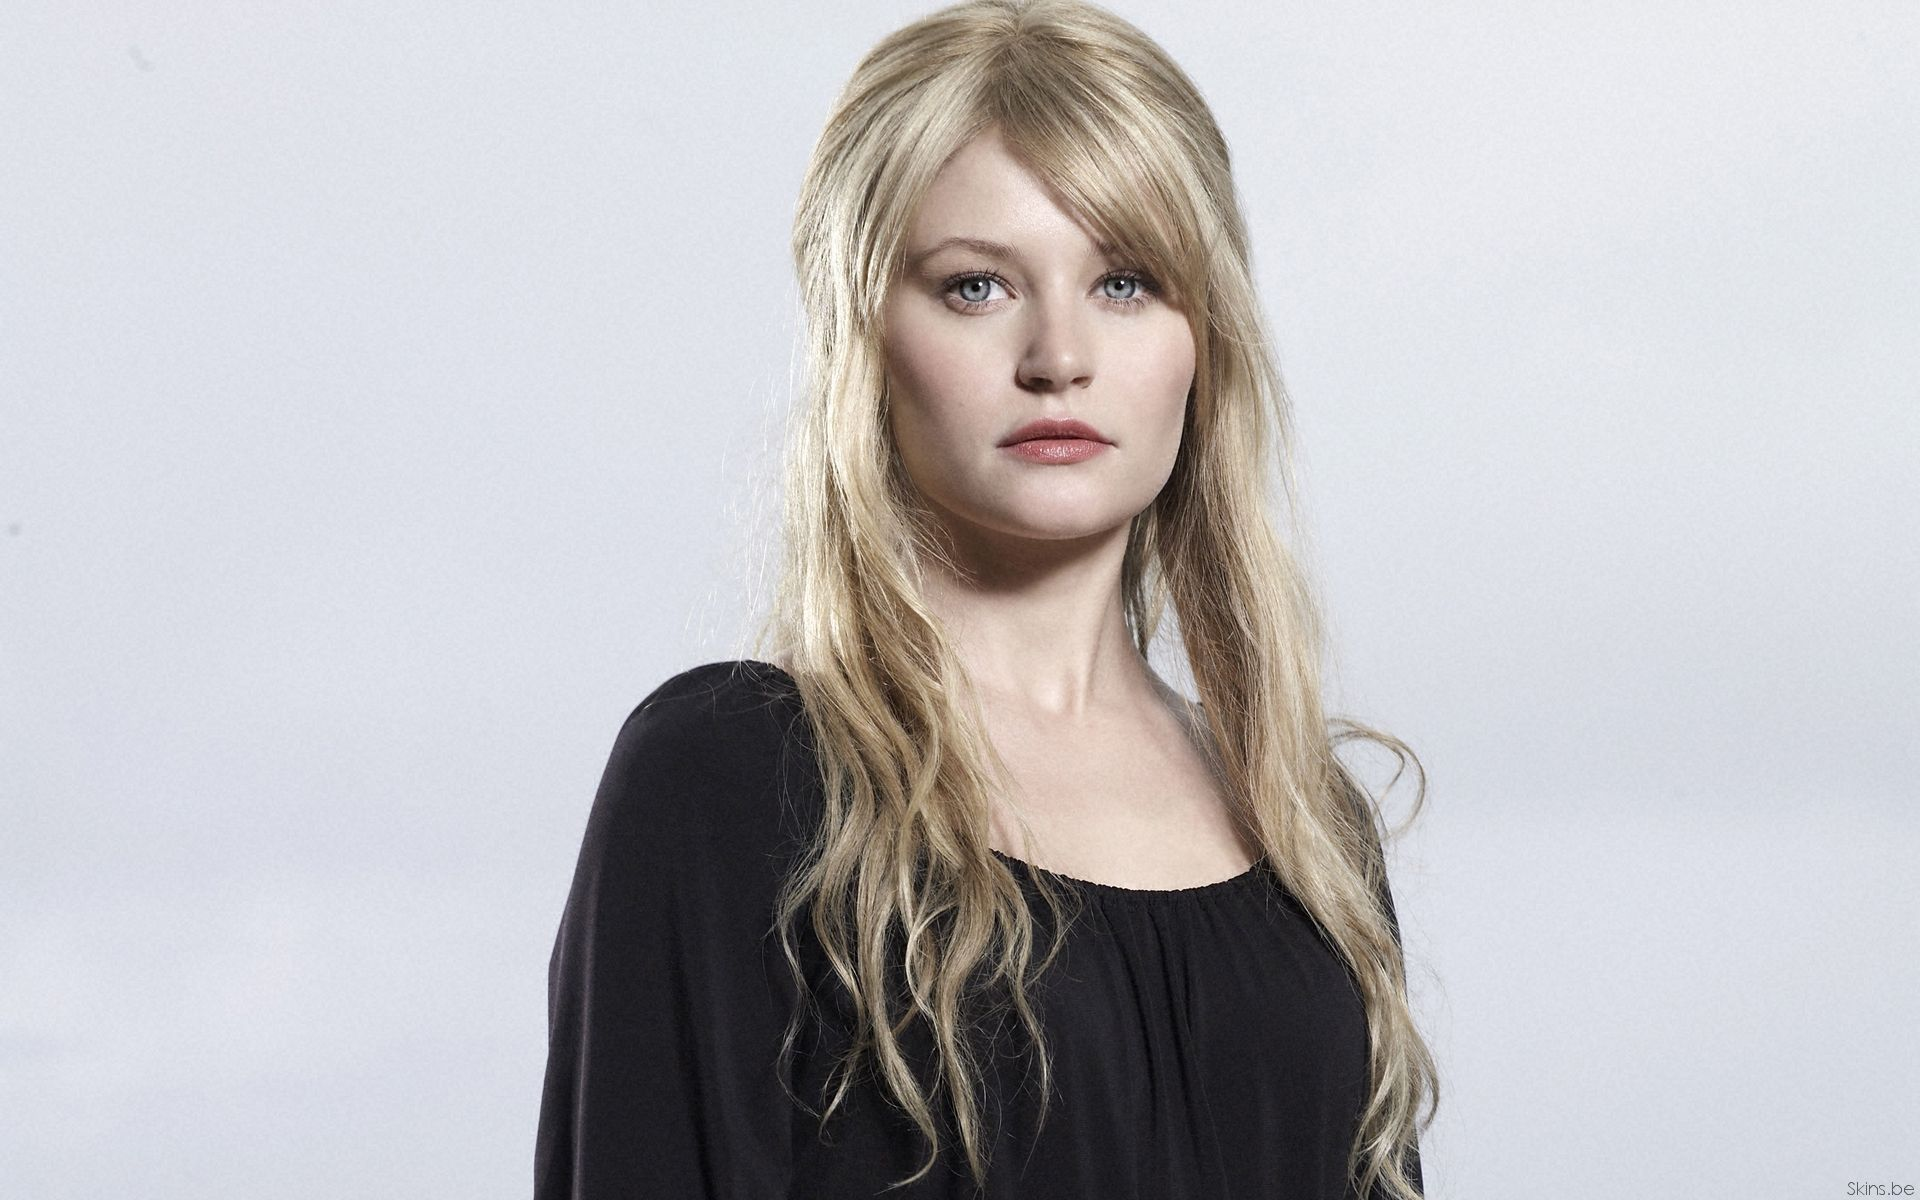 Hd Emilie De Ravin Wallpapers Emilie De Ravin Free Pictures Fantasy Cast